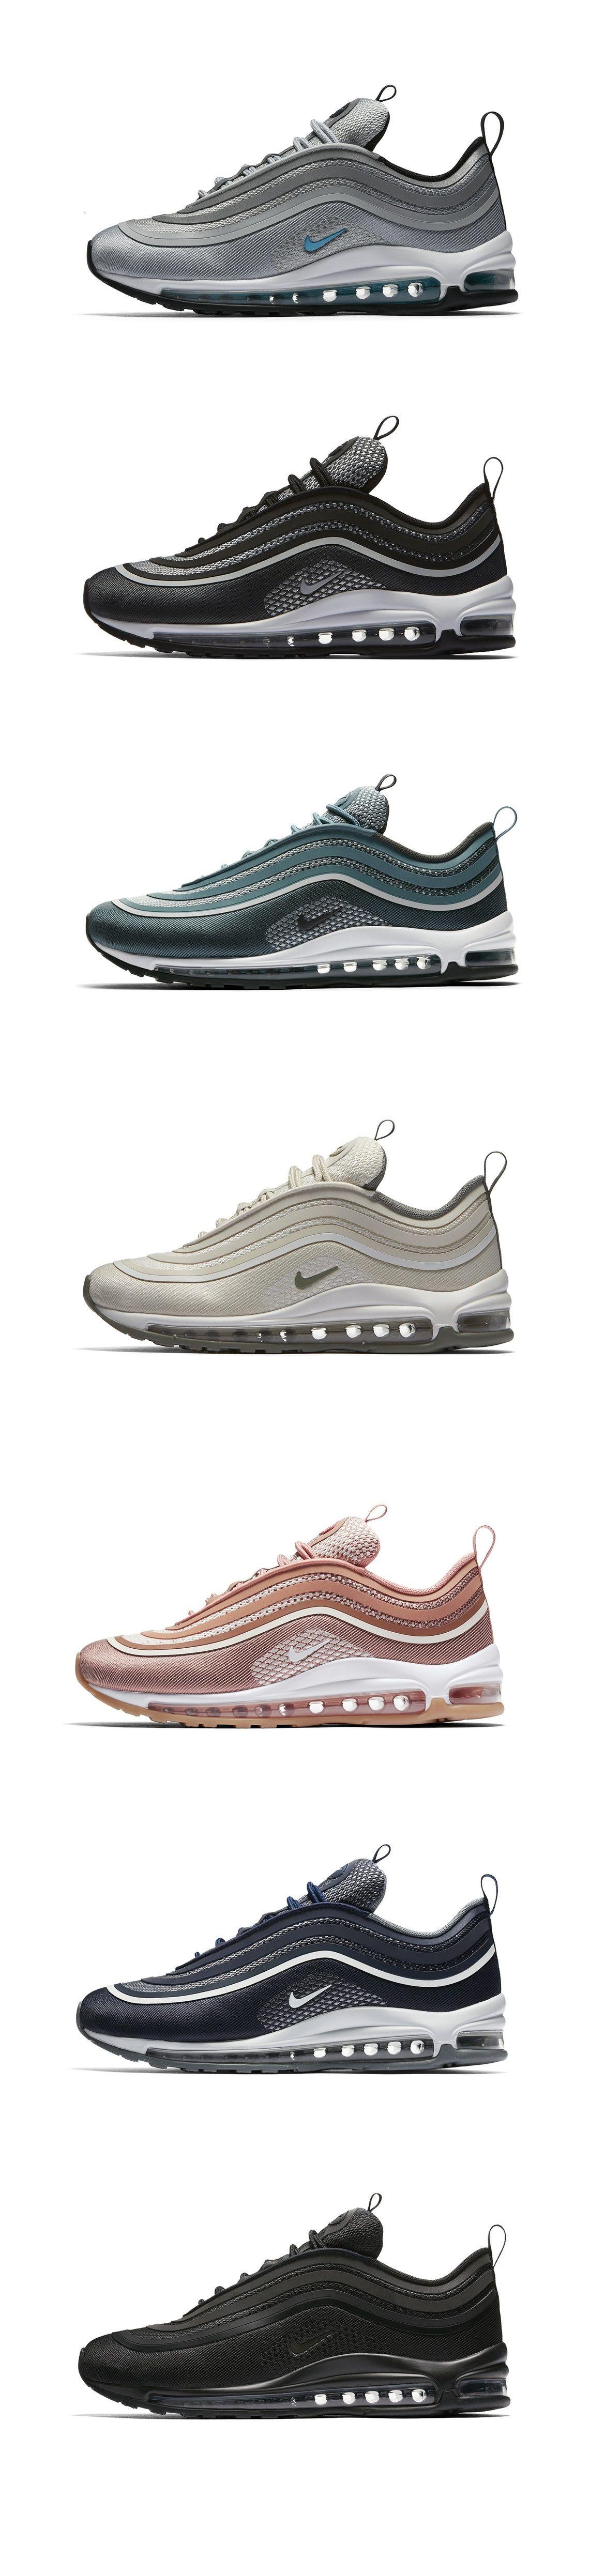 Nike air max 97 Abbigliamento, vestiti e accessori di moda